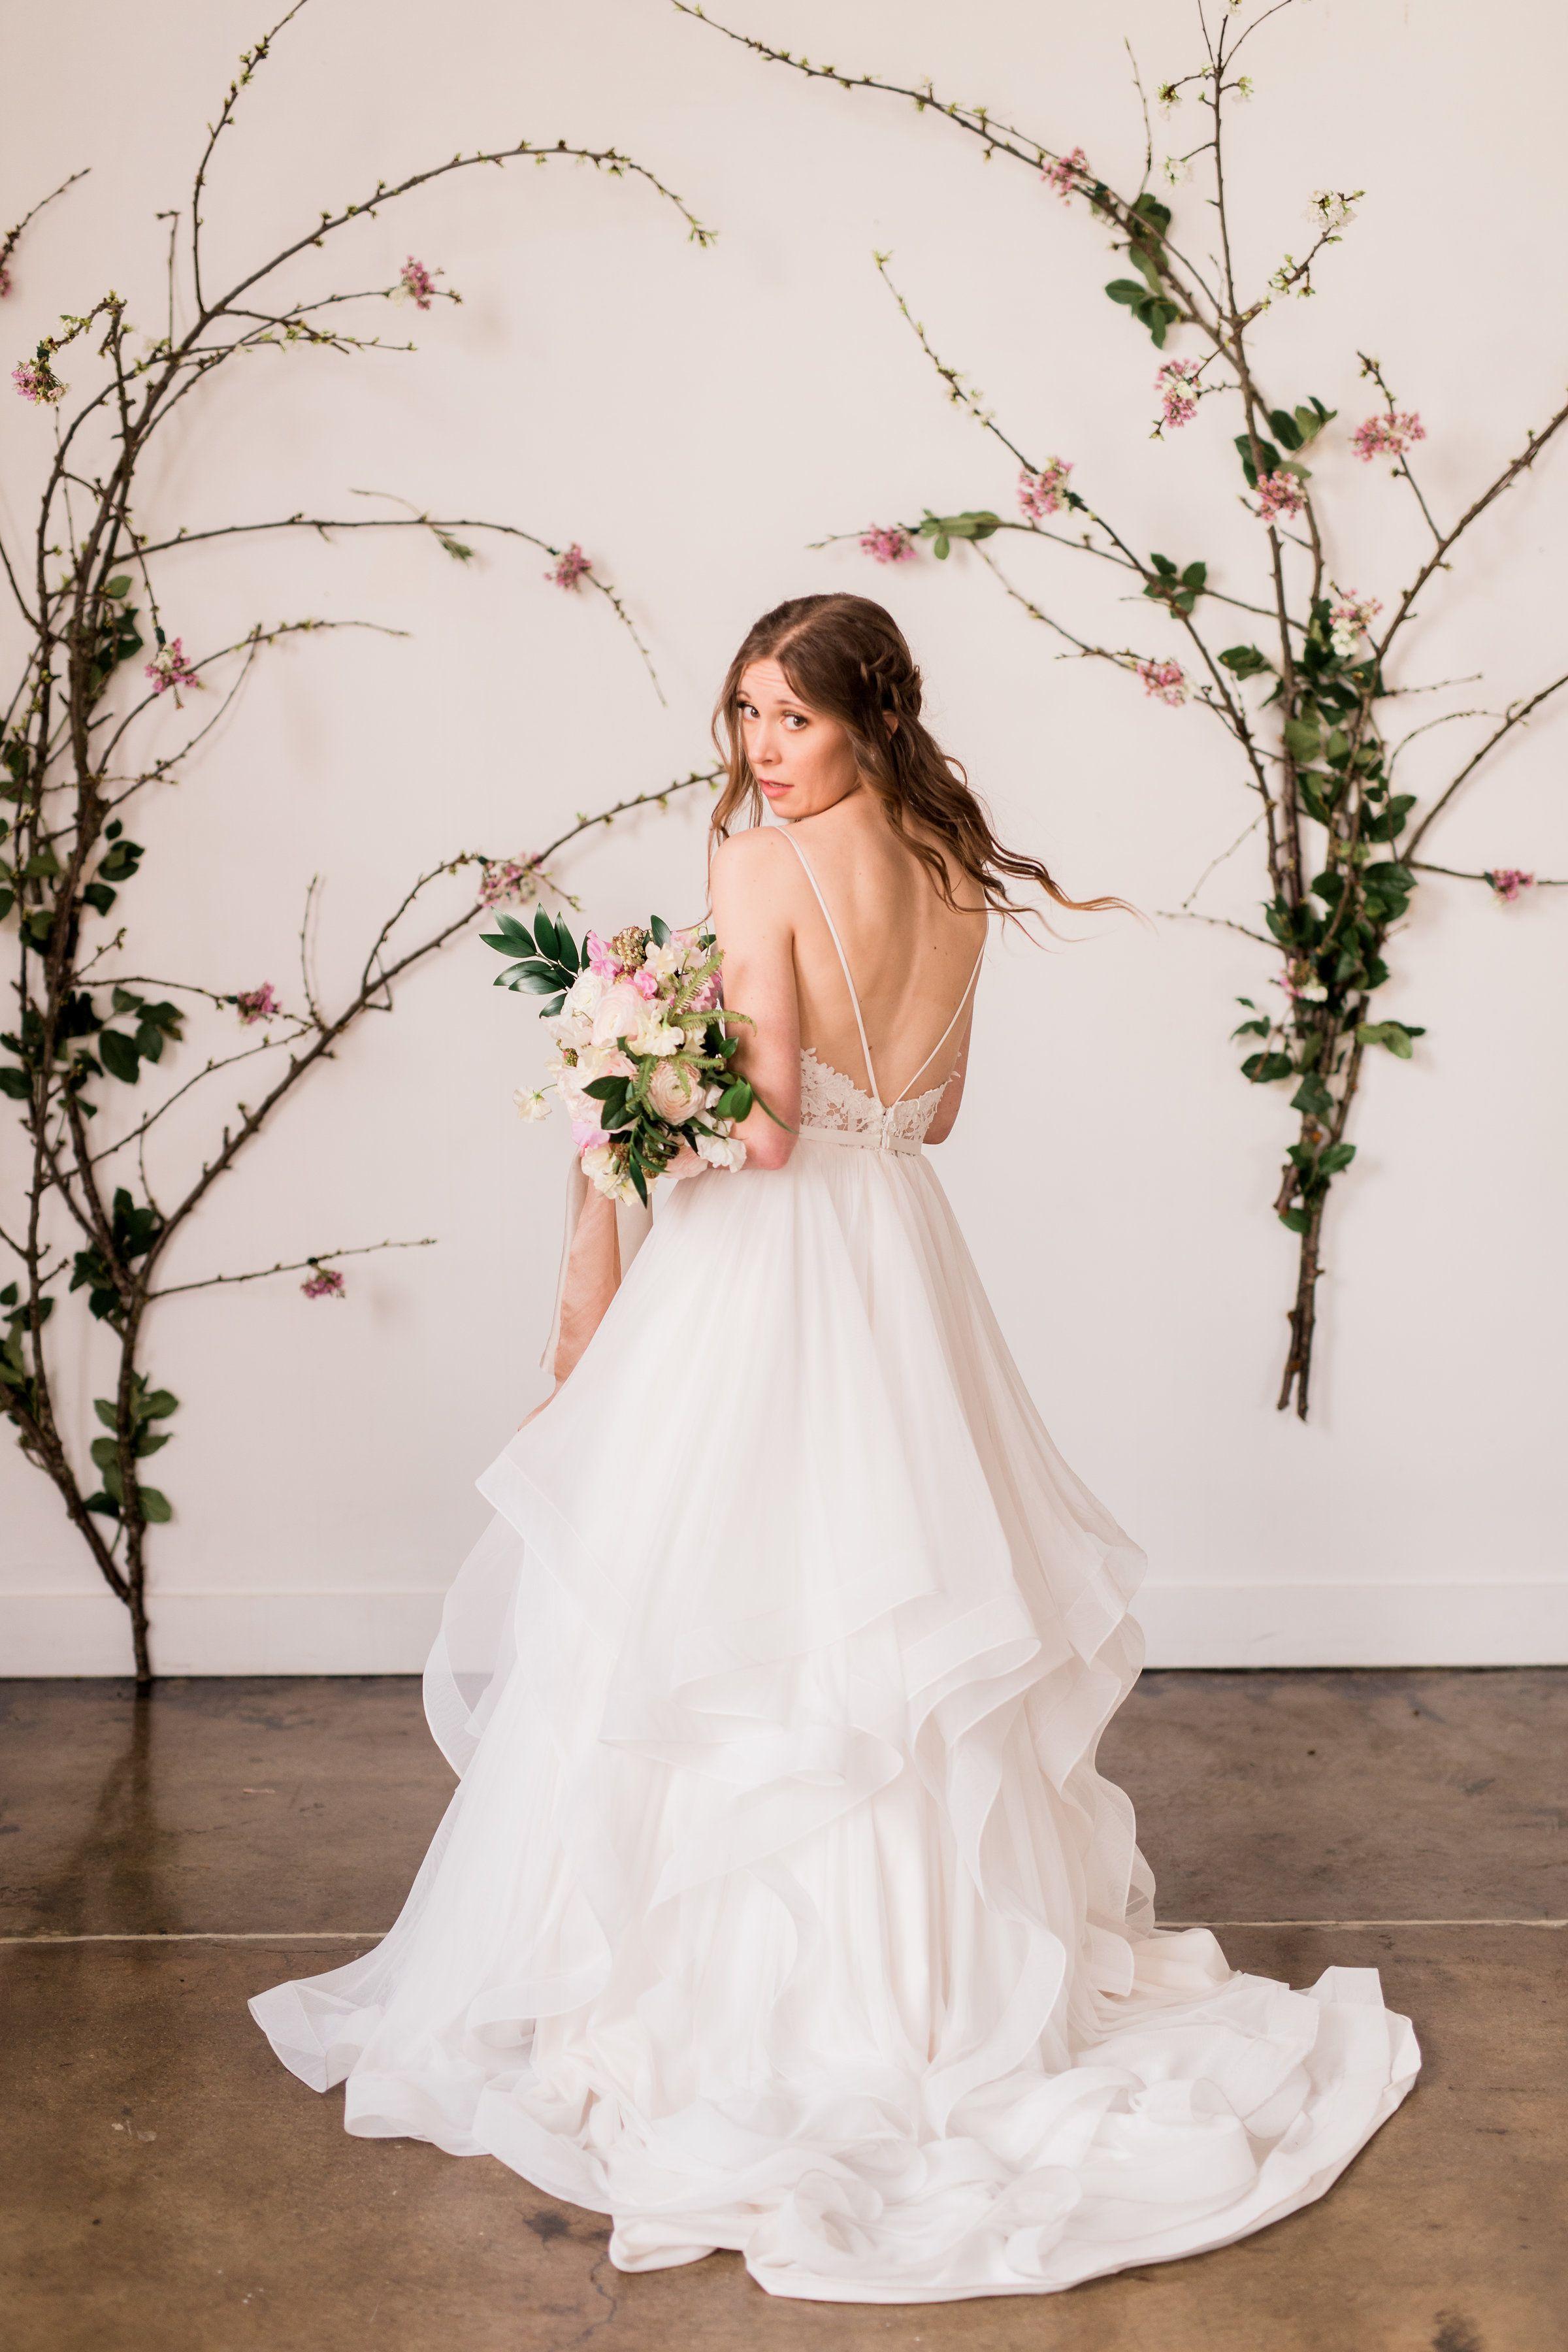 Chic spring wedding ideas with a modern twist spring wedding